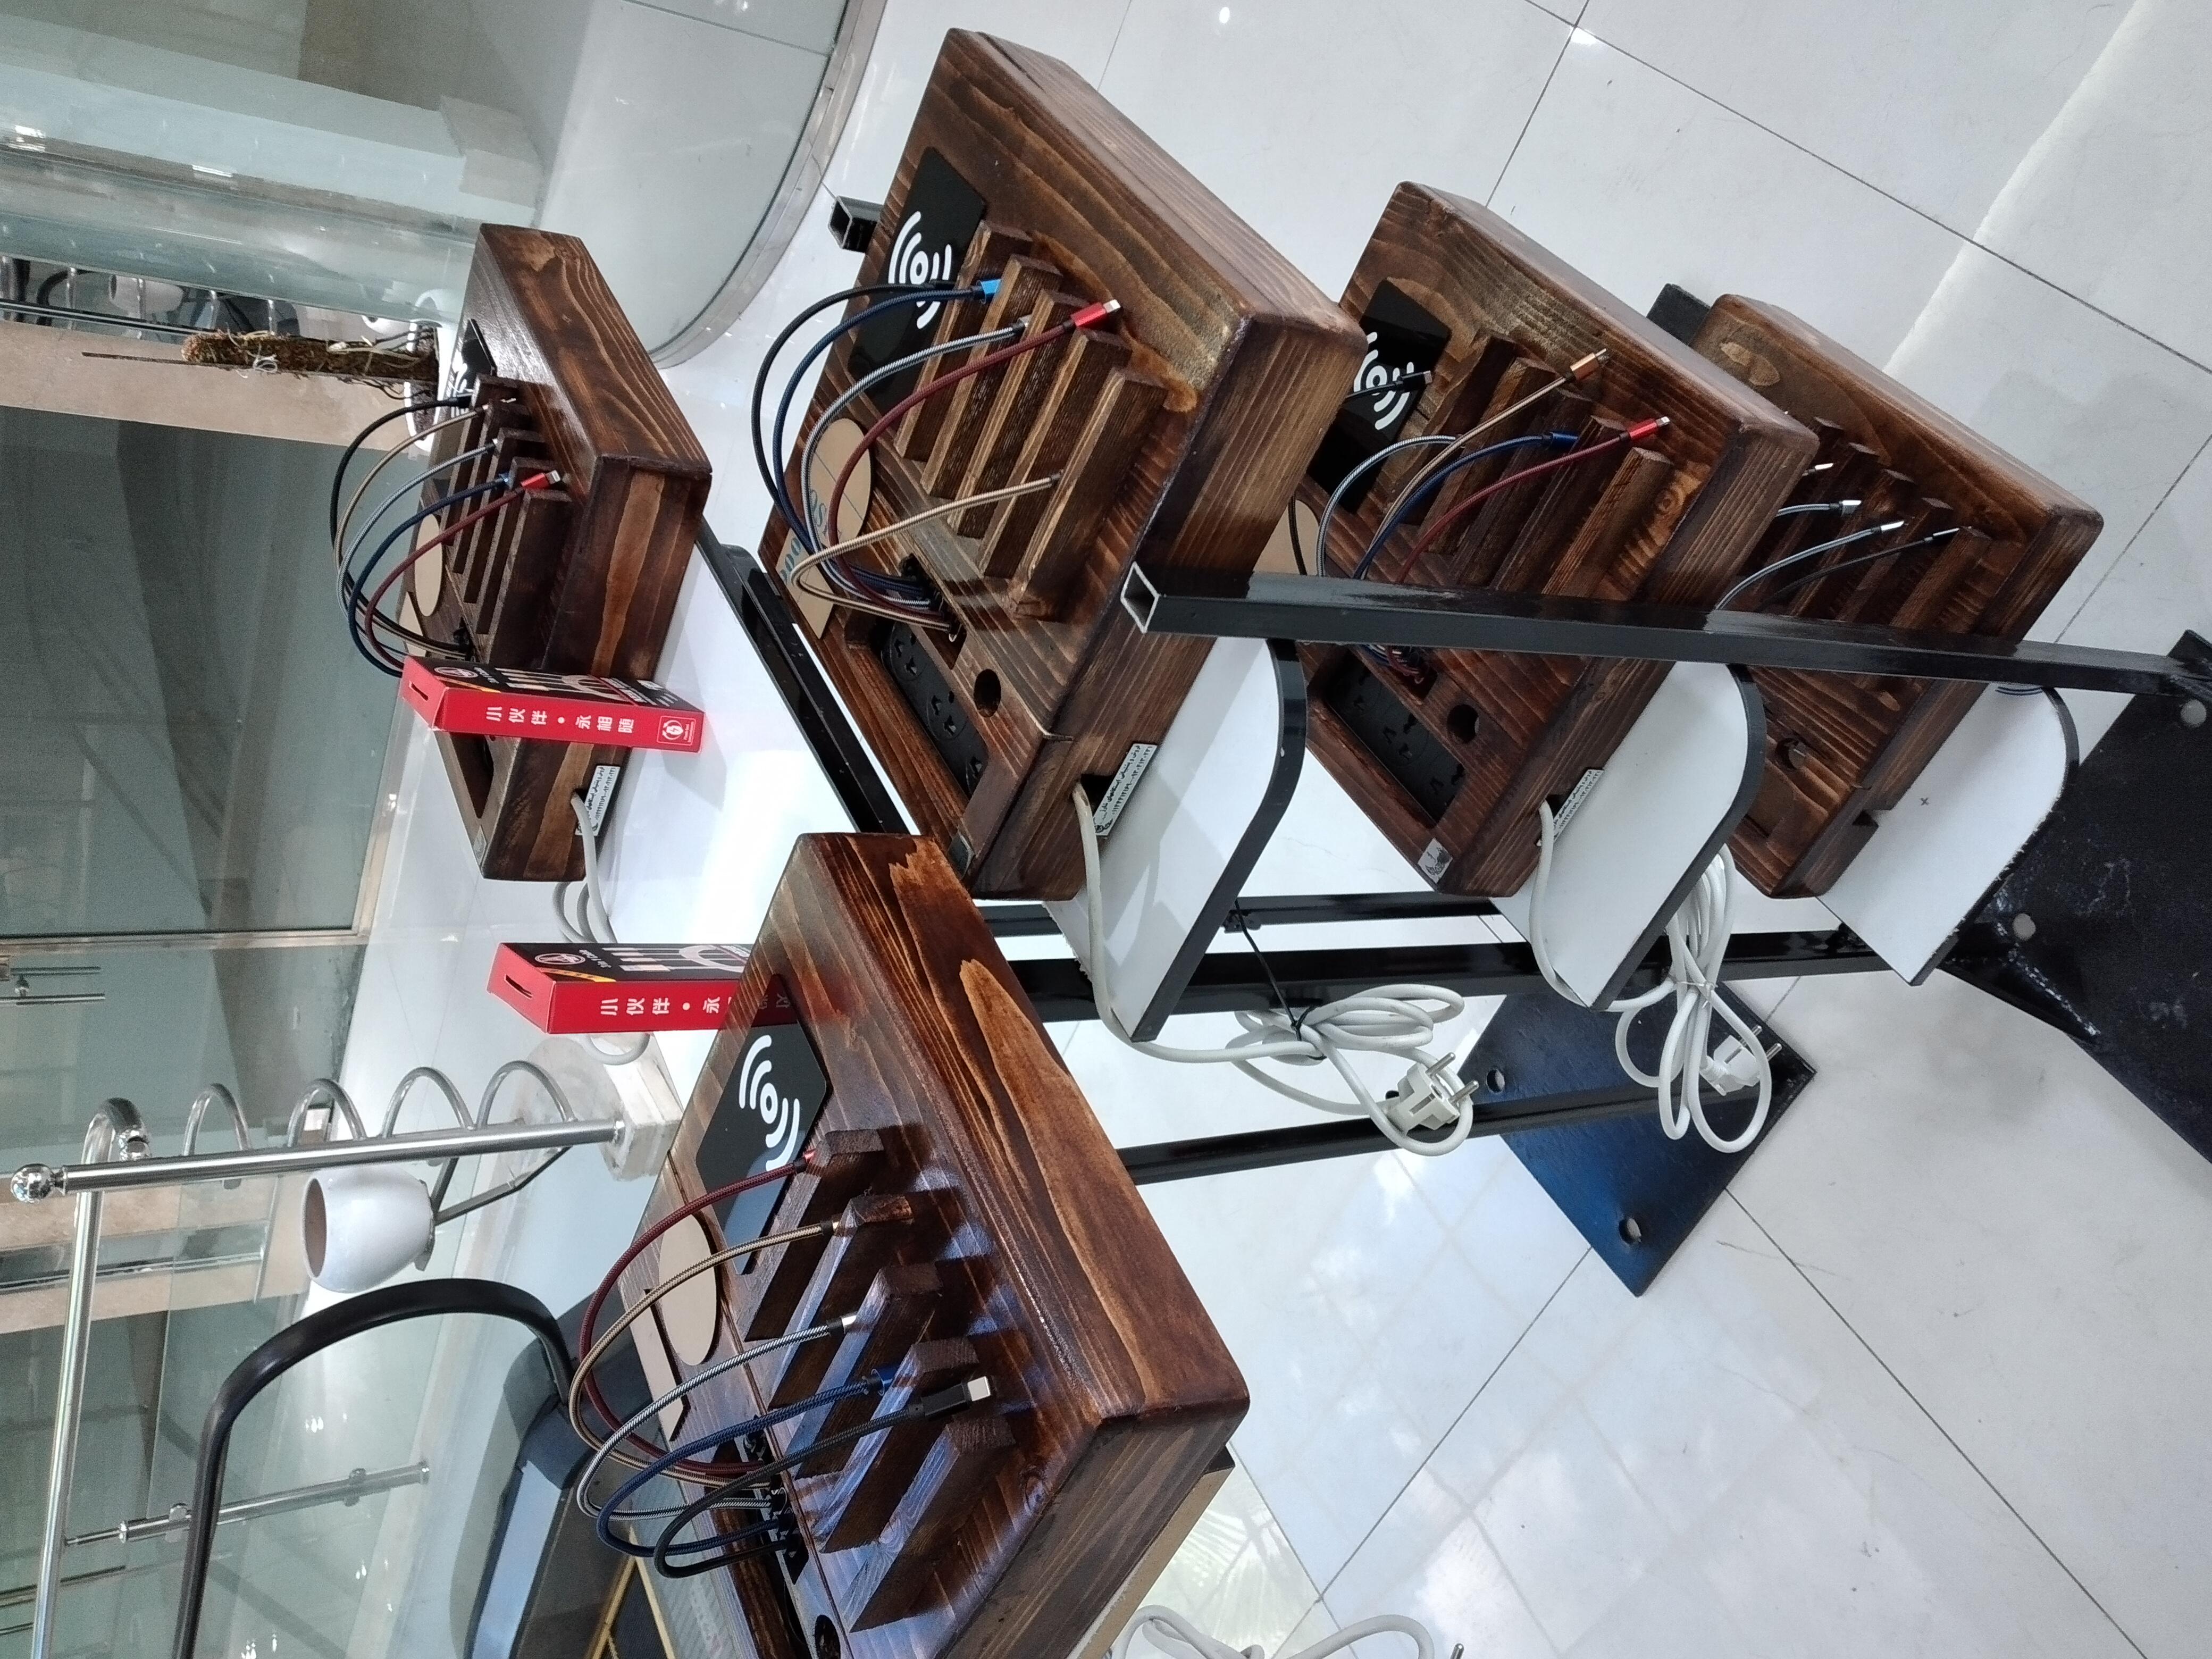 ایستگاه شارژر مدل HOW (دیواری و رومیزی) معروف به مدل هتلی چوبی با ظاهری زیبا و کیفیت مناسب دارای قابلیت شارژ فست همزمان 6 گوشی موبایل و تبلت از انواع مختلف و یک شارژر وایرلس می باشد که باتوجه به ابعاد آن ۸×۳۰×۳۲ سانتی متر به صورت رومیزی بوده و همچنین امکان نصب برروی دیوار را نیز دارد.